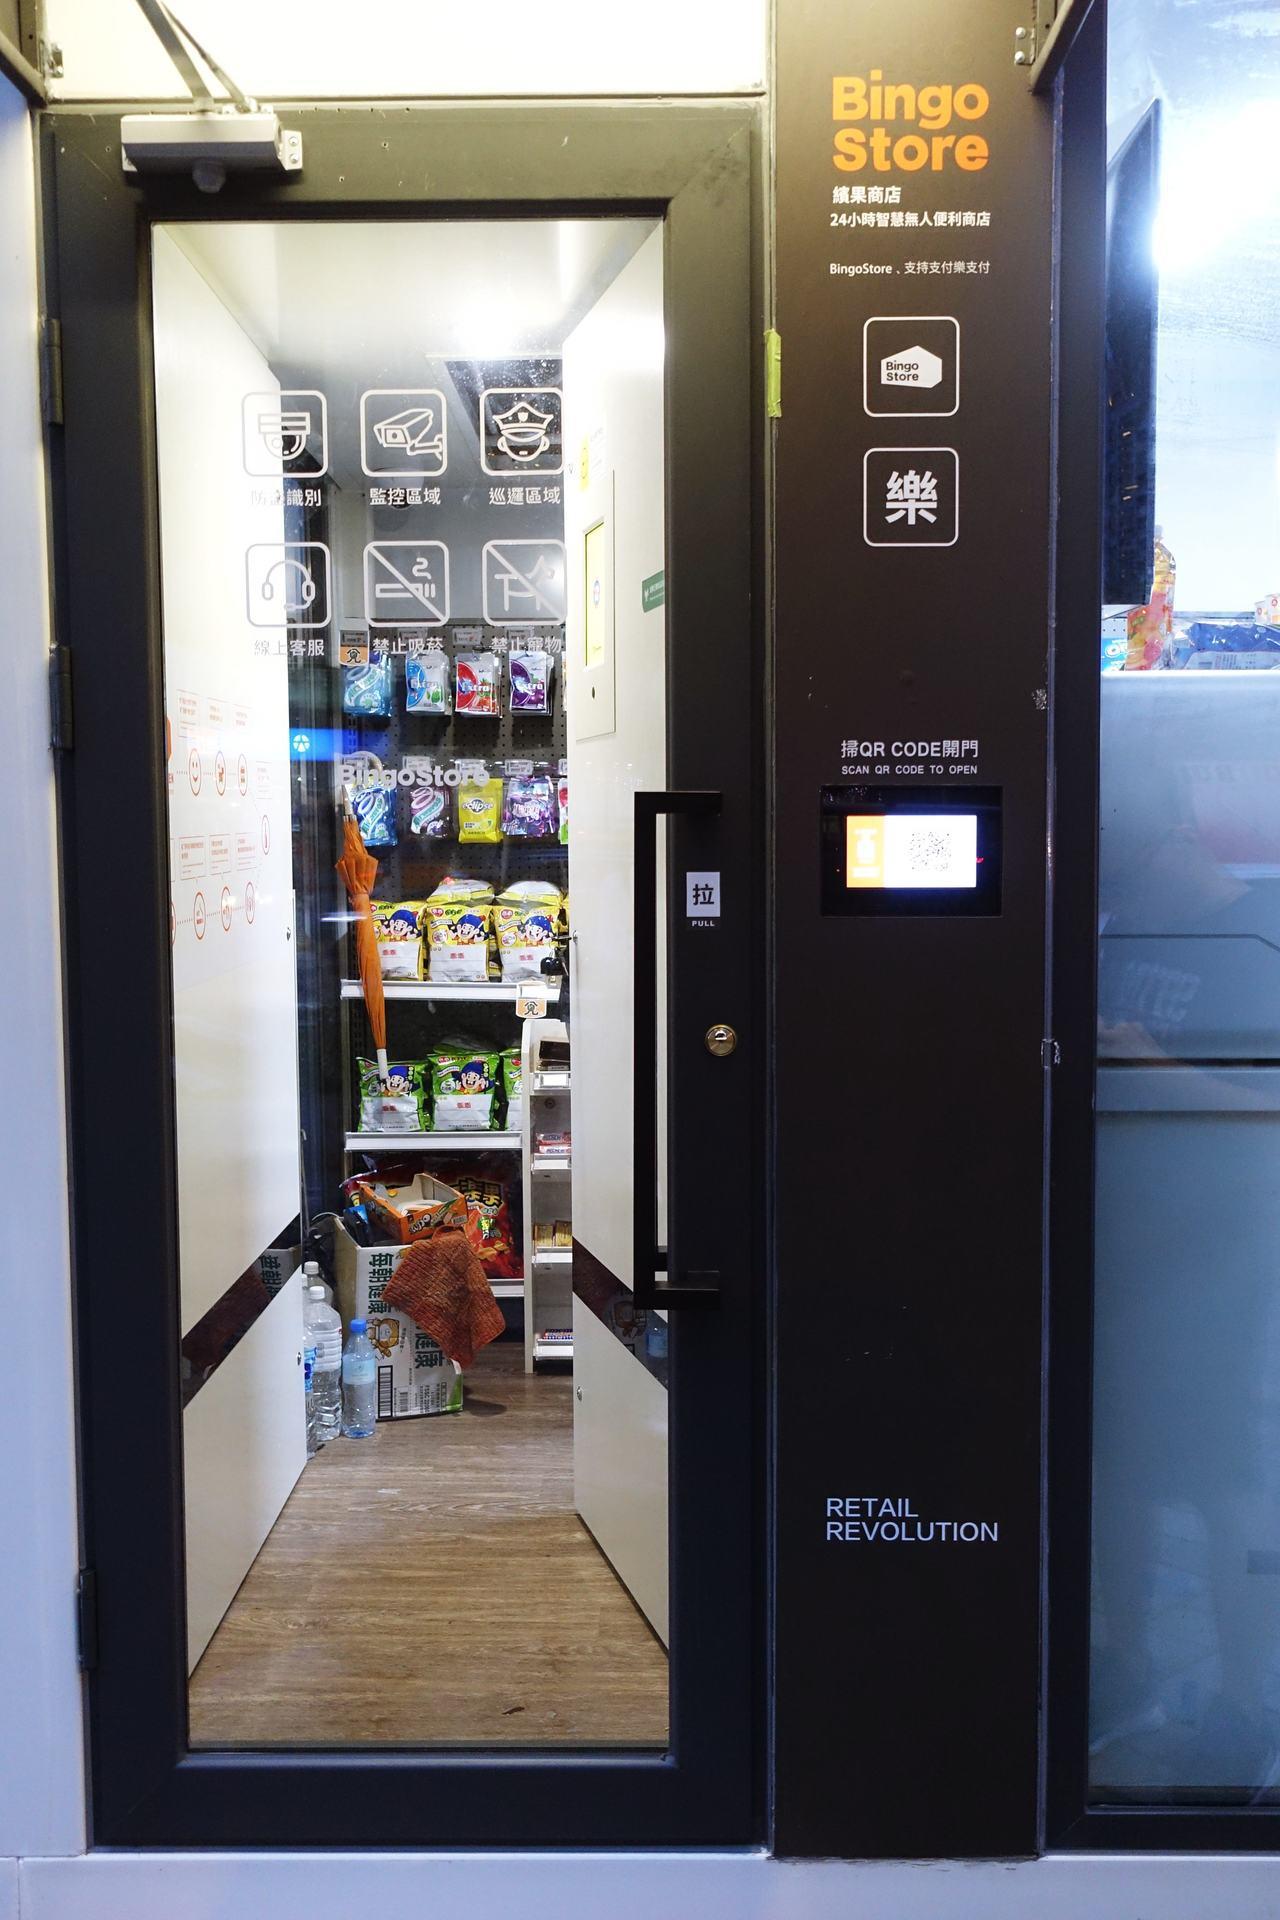 民眾下載「支付樂APP」掃QR CODE即可進店消費。記者沈佩臻/攝影